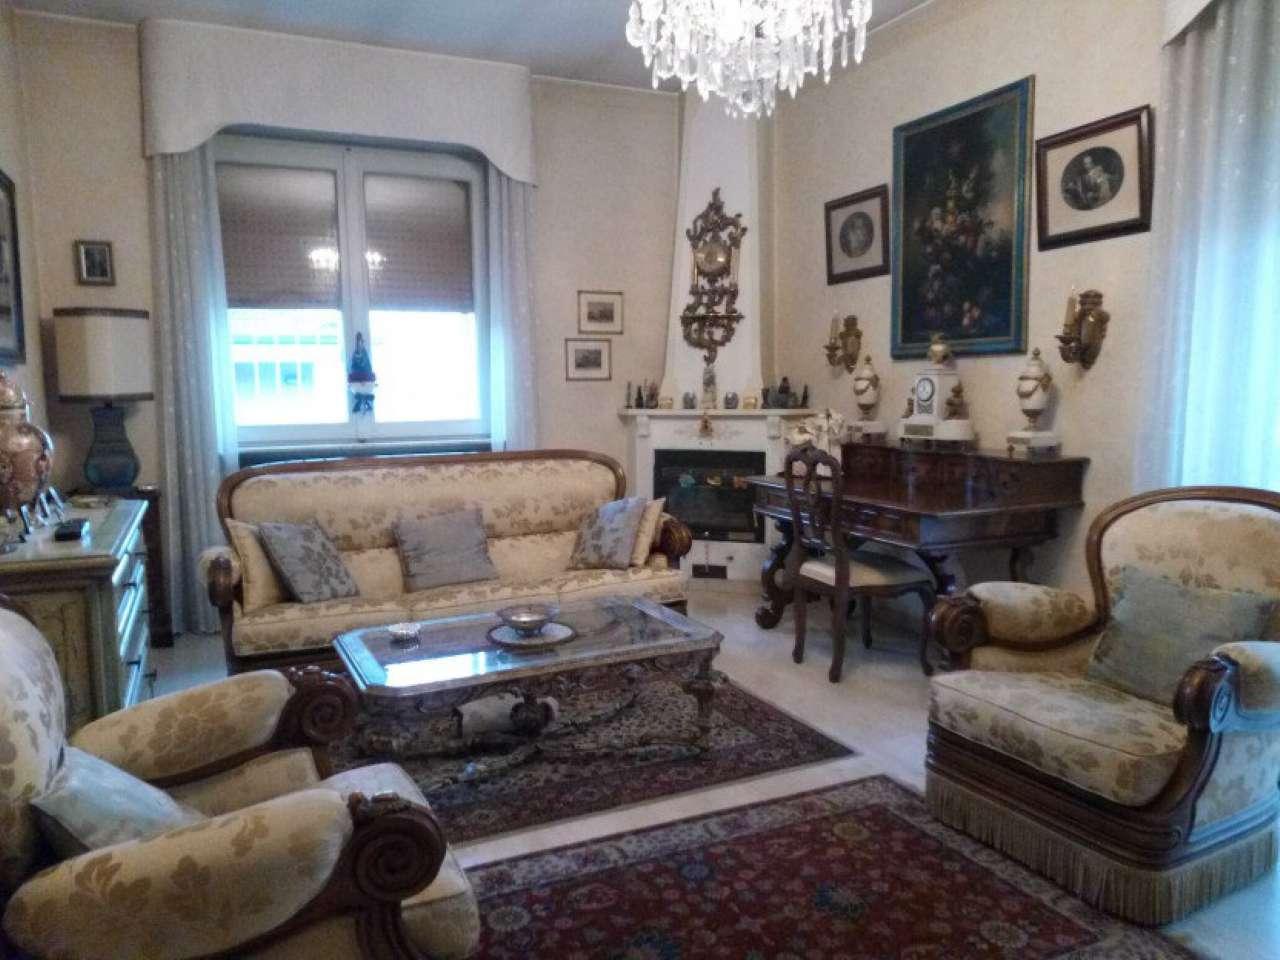 Villa in vendita a Caronno Pertusella, 6 locali, prezzo € 449.000 | Cambio Casa.it